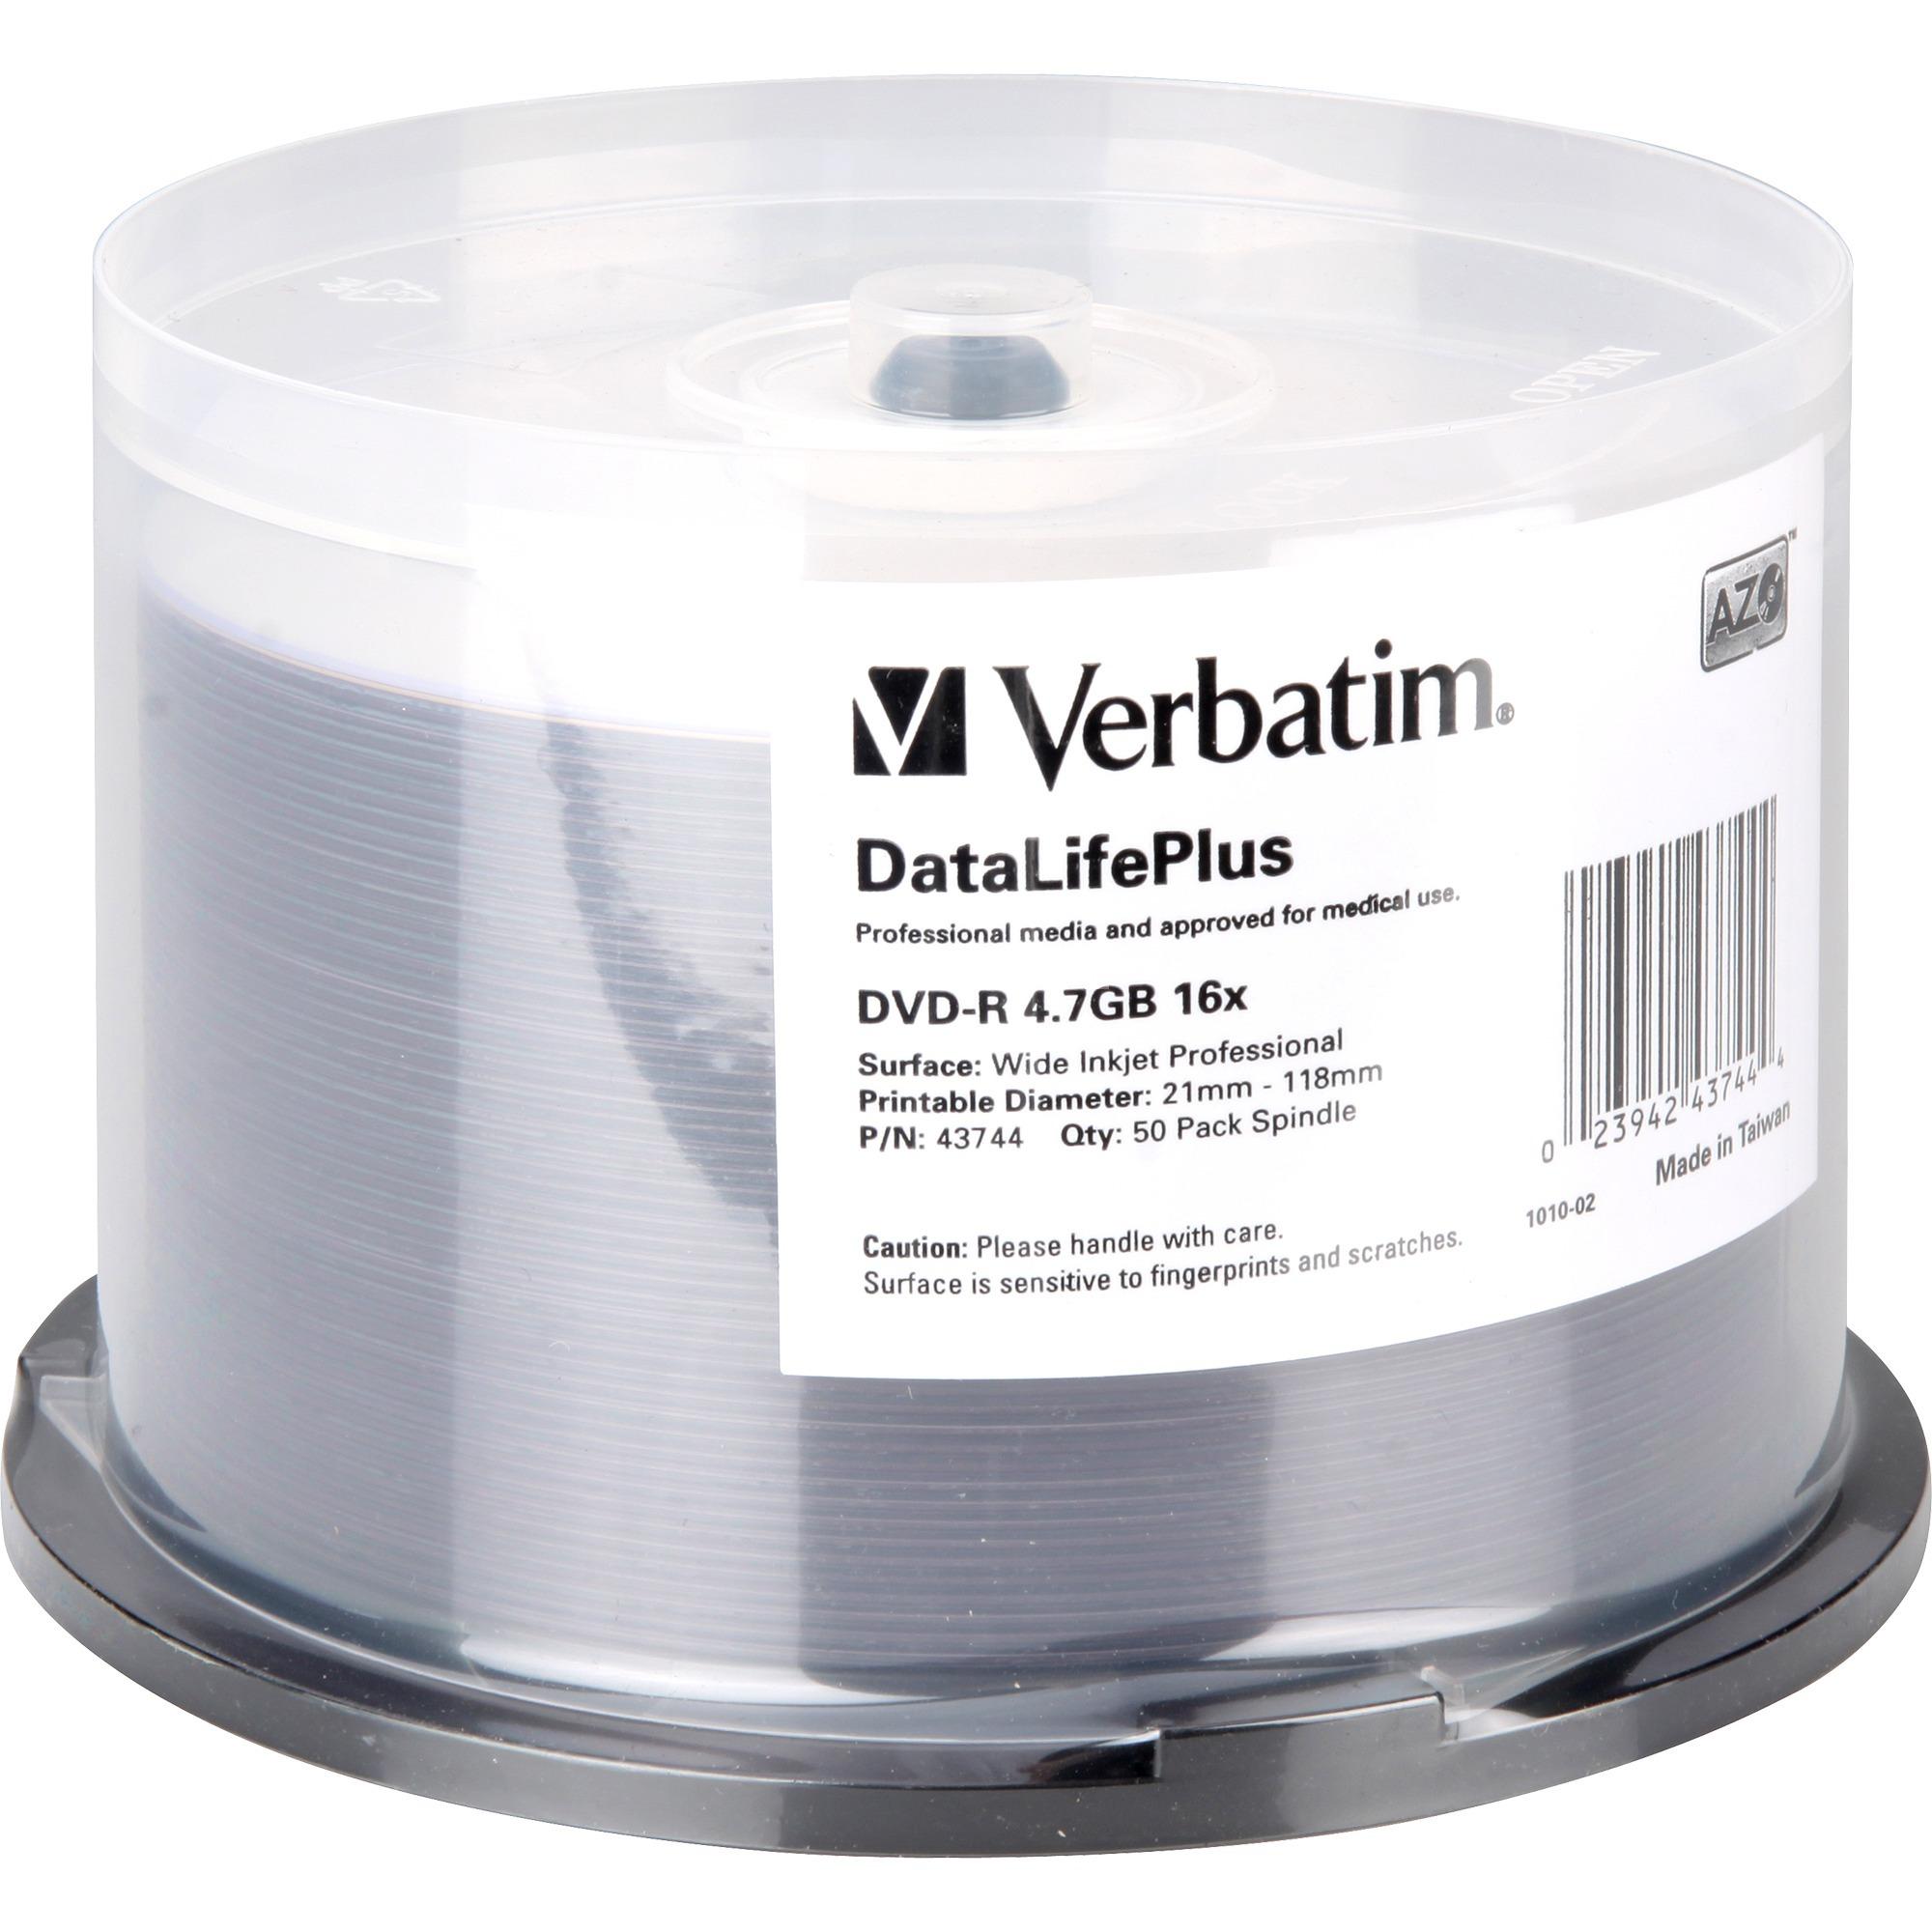 DataLifePlus 4.7Go DVD-R 50pièce(s), Support vierge DVD